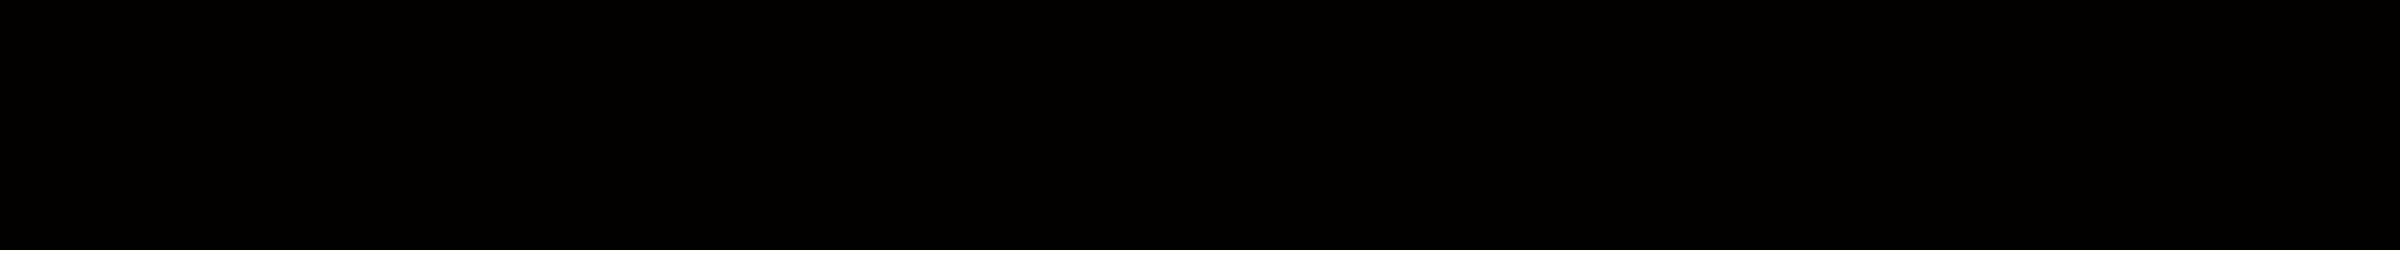 板野友美主演 映画「イマジネーションゲーム」公式サイト2018年7月28日公開!